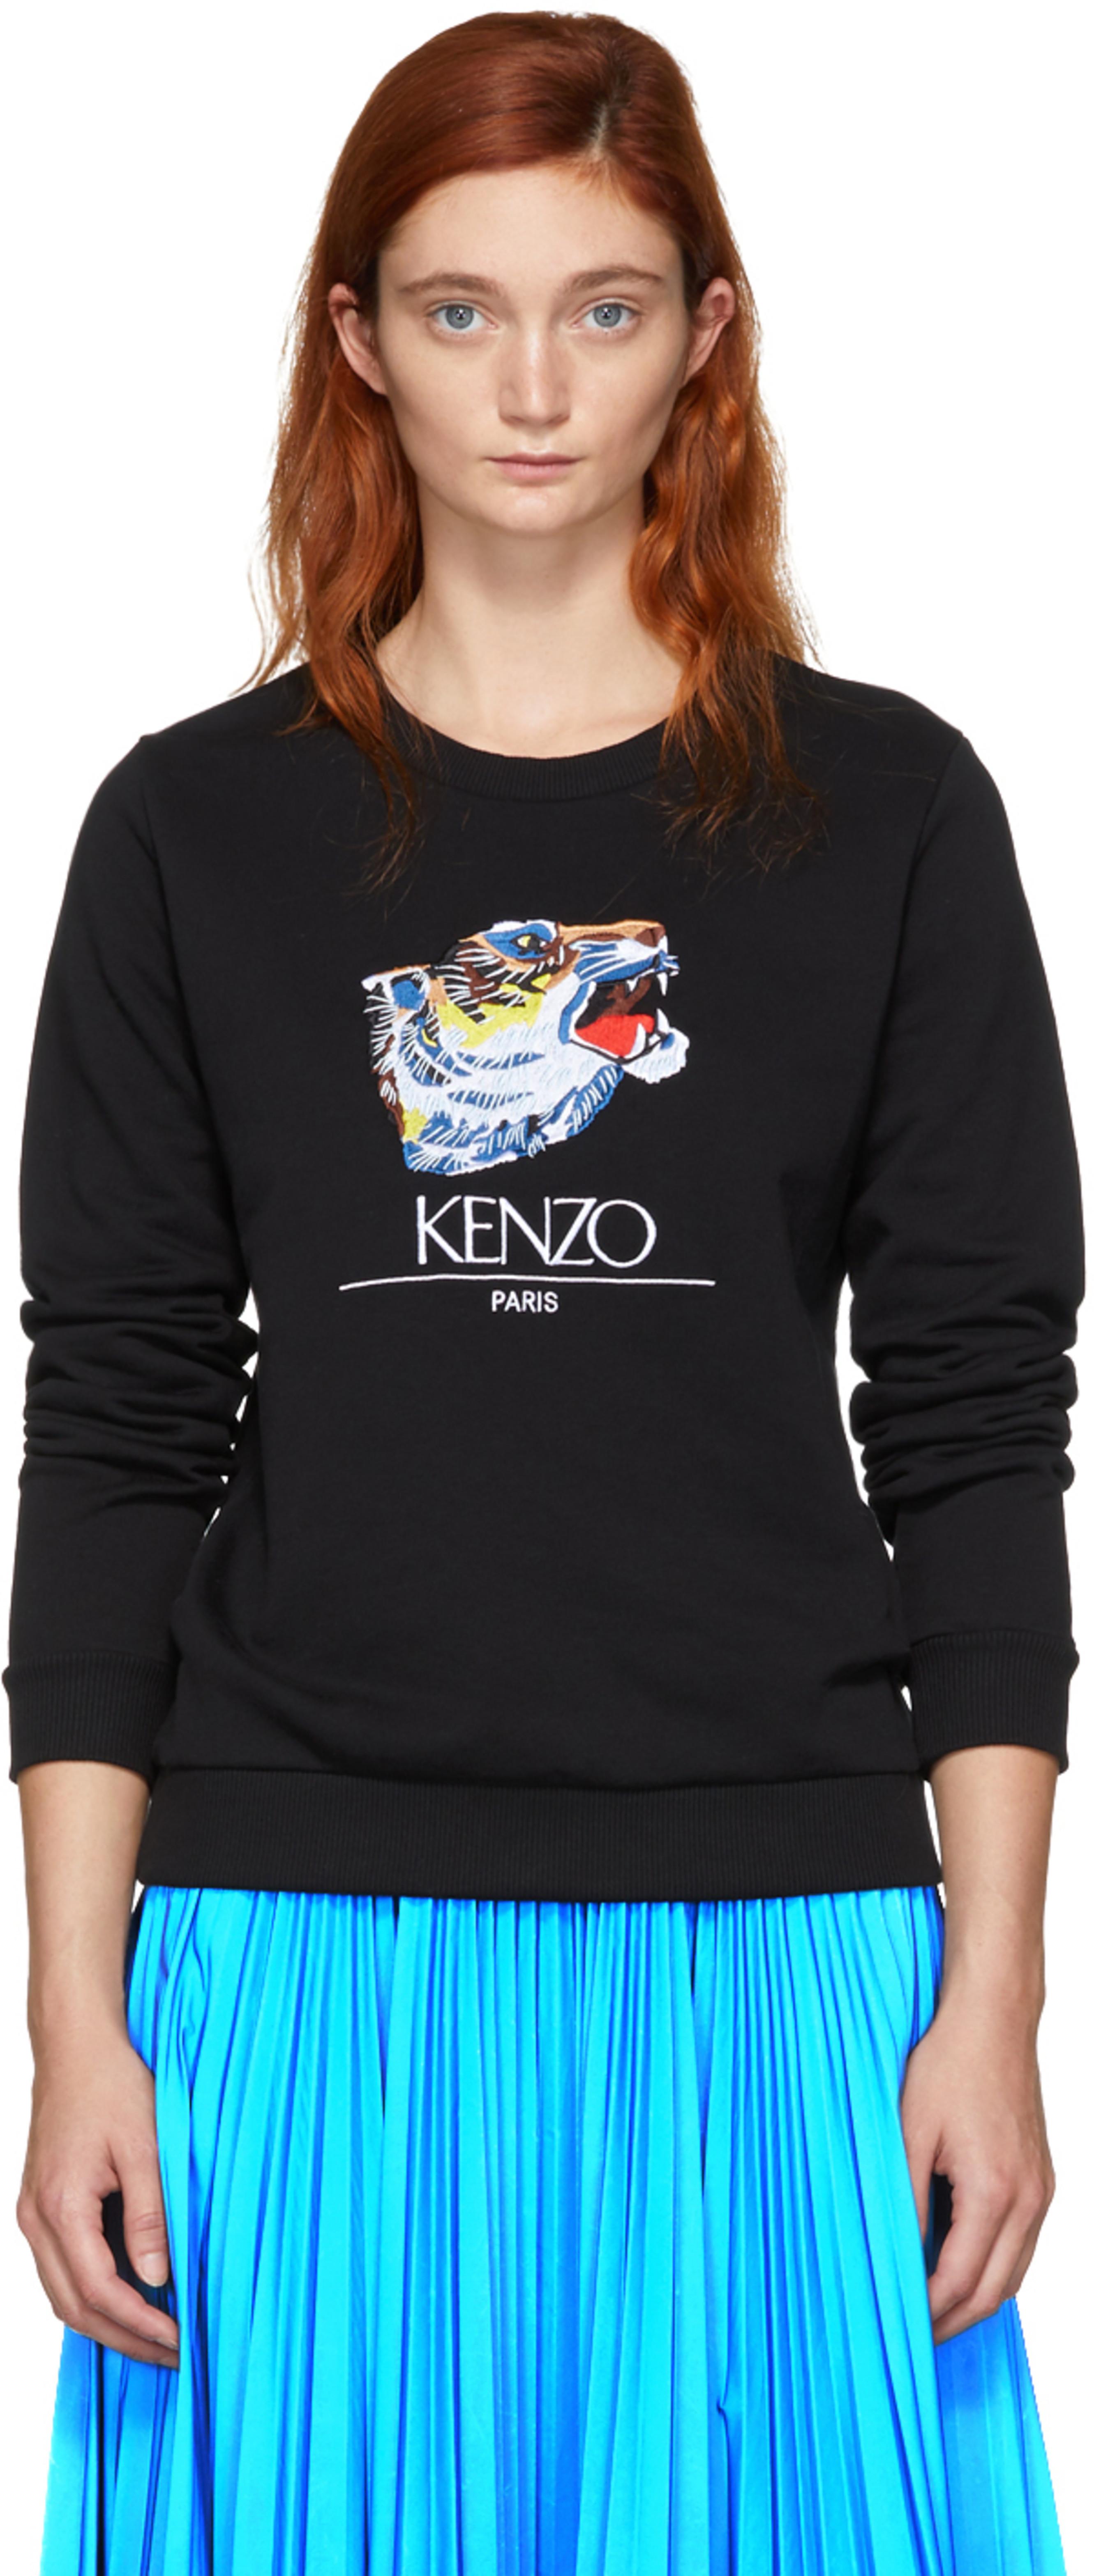 05f229d1 Kenzo sweatshirts for Women | SSENSE